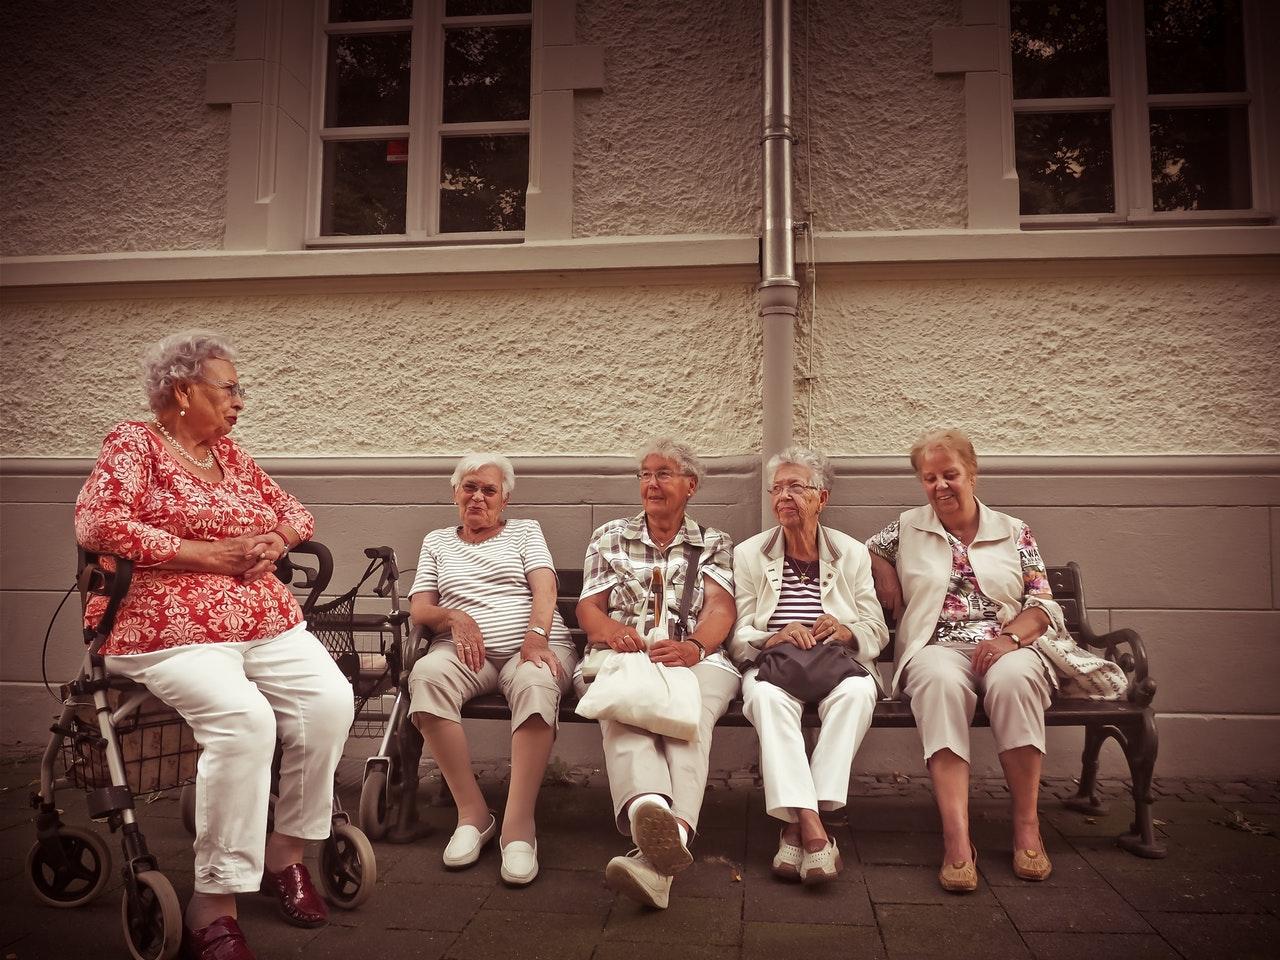 Rekord számú nő élt a negyvenéves korkedvezménnyel